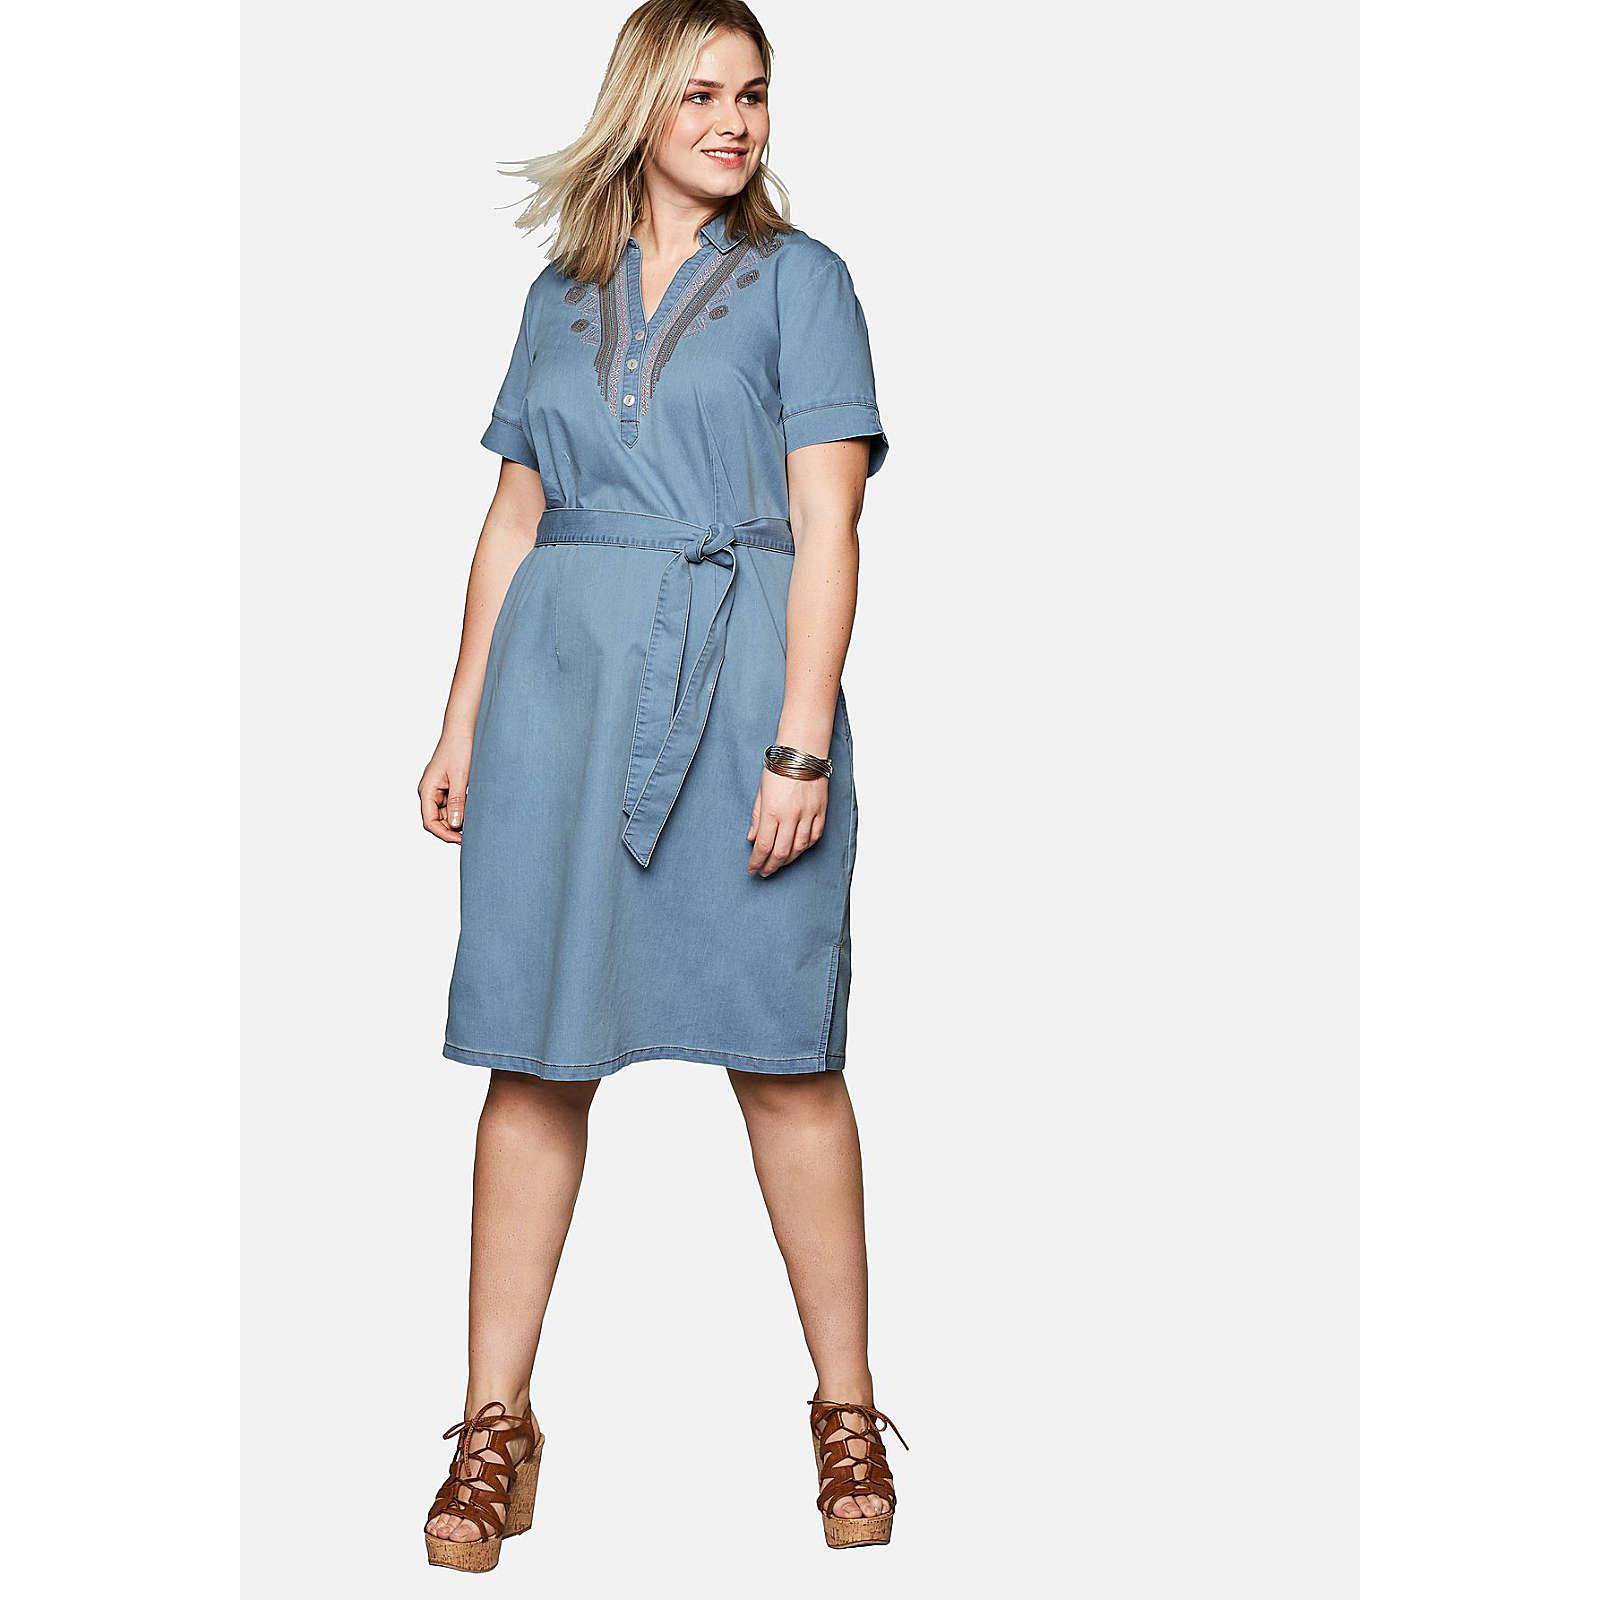 sheego Jeanskleid mit aufwendiger Stickerei am V-Ausschnitt Jeanskleider hellblau Damen Gr. 58